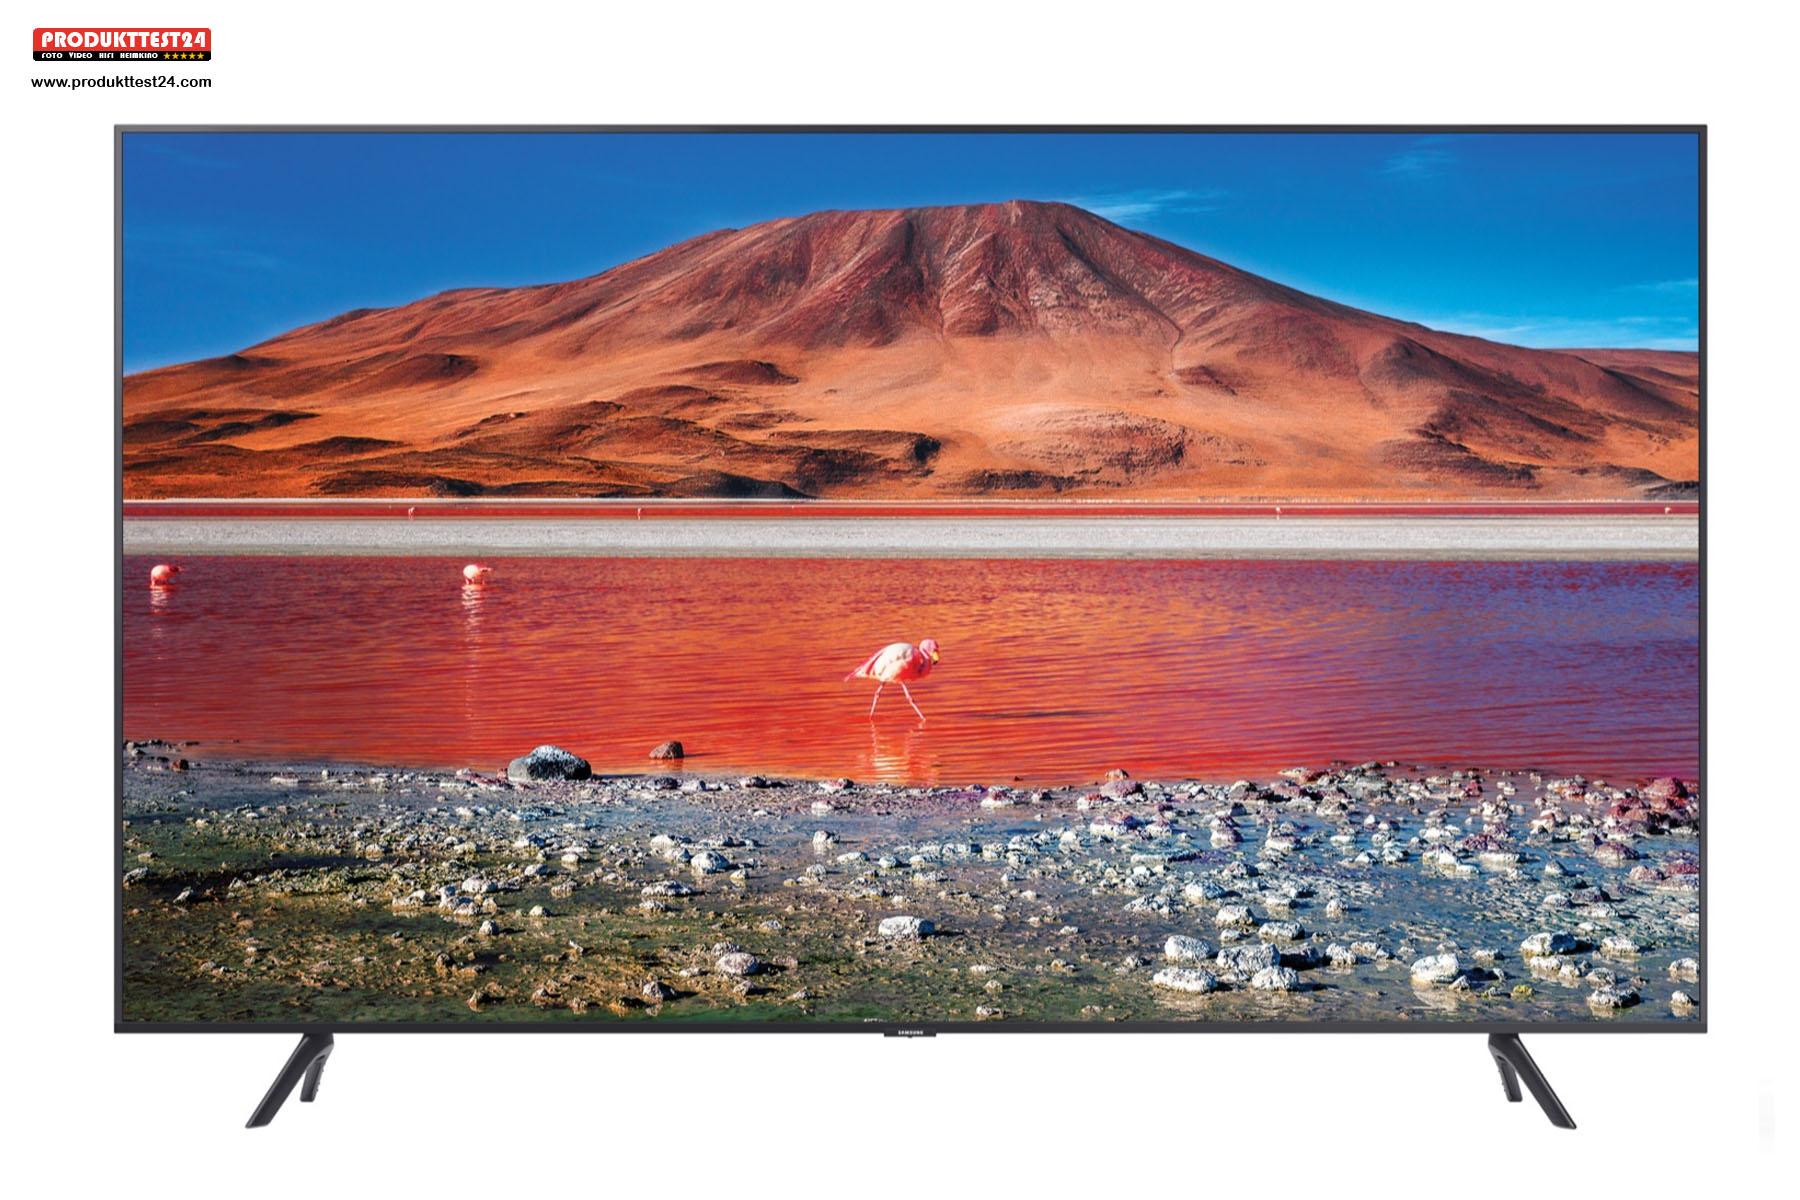 Samsung GU58TU7199 UHD 4K Fernseher